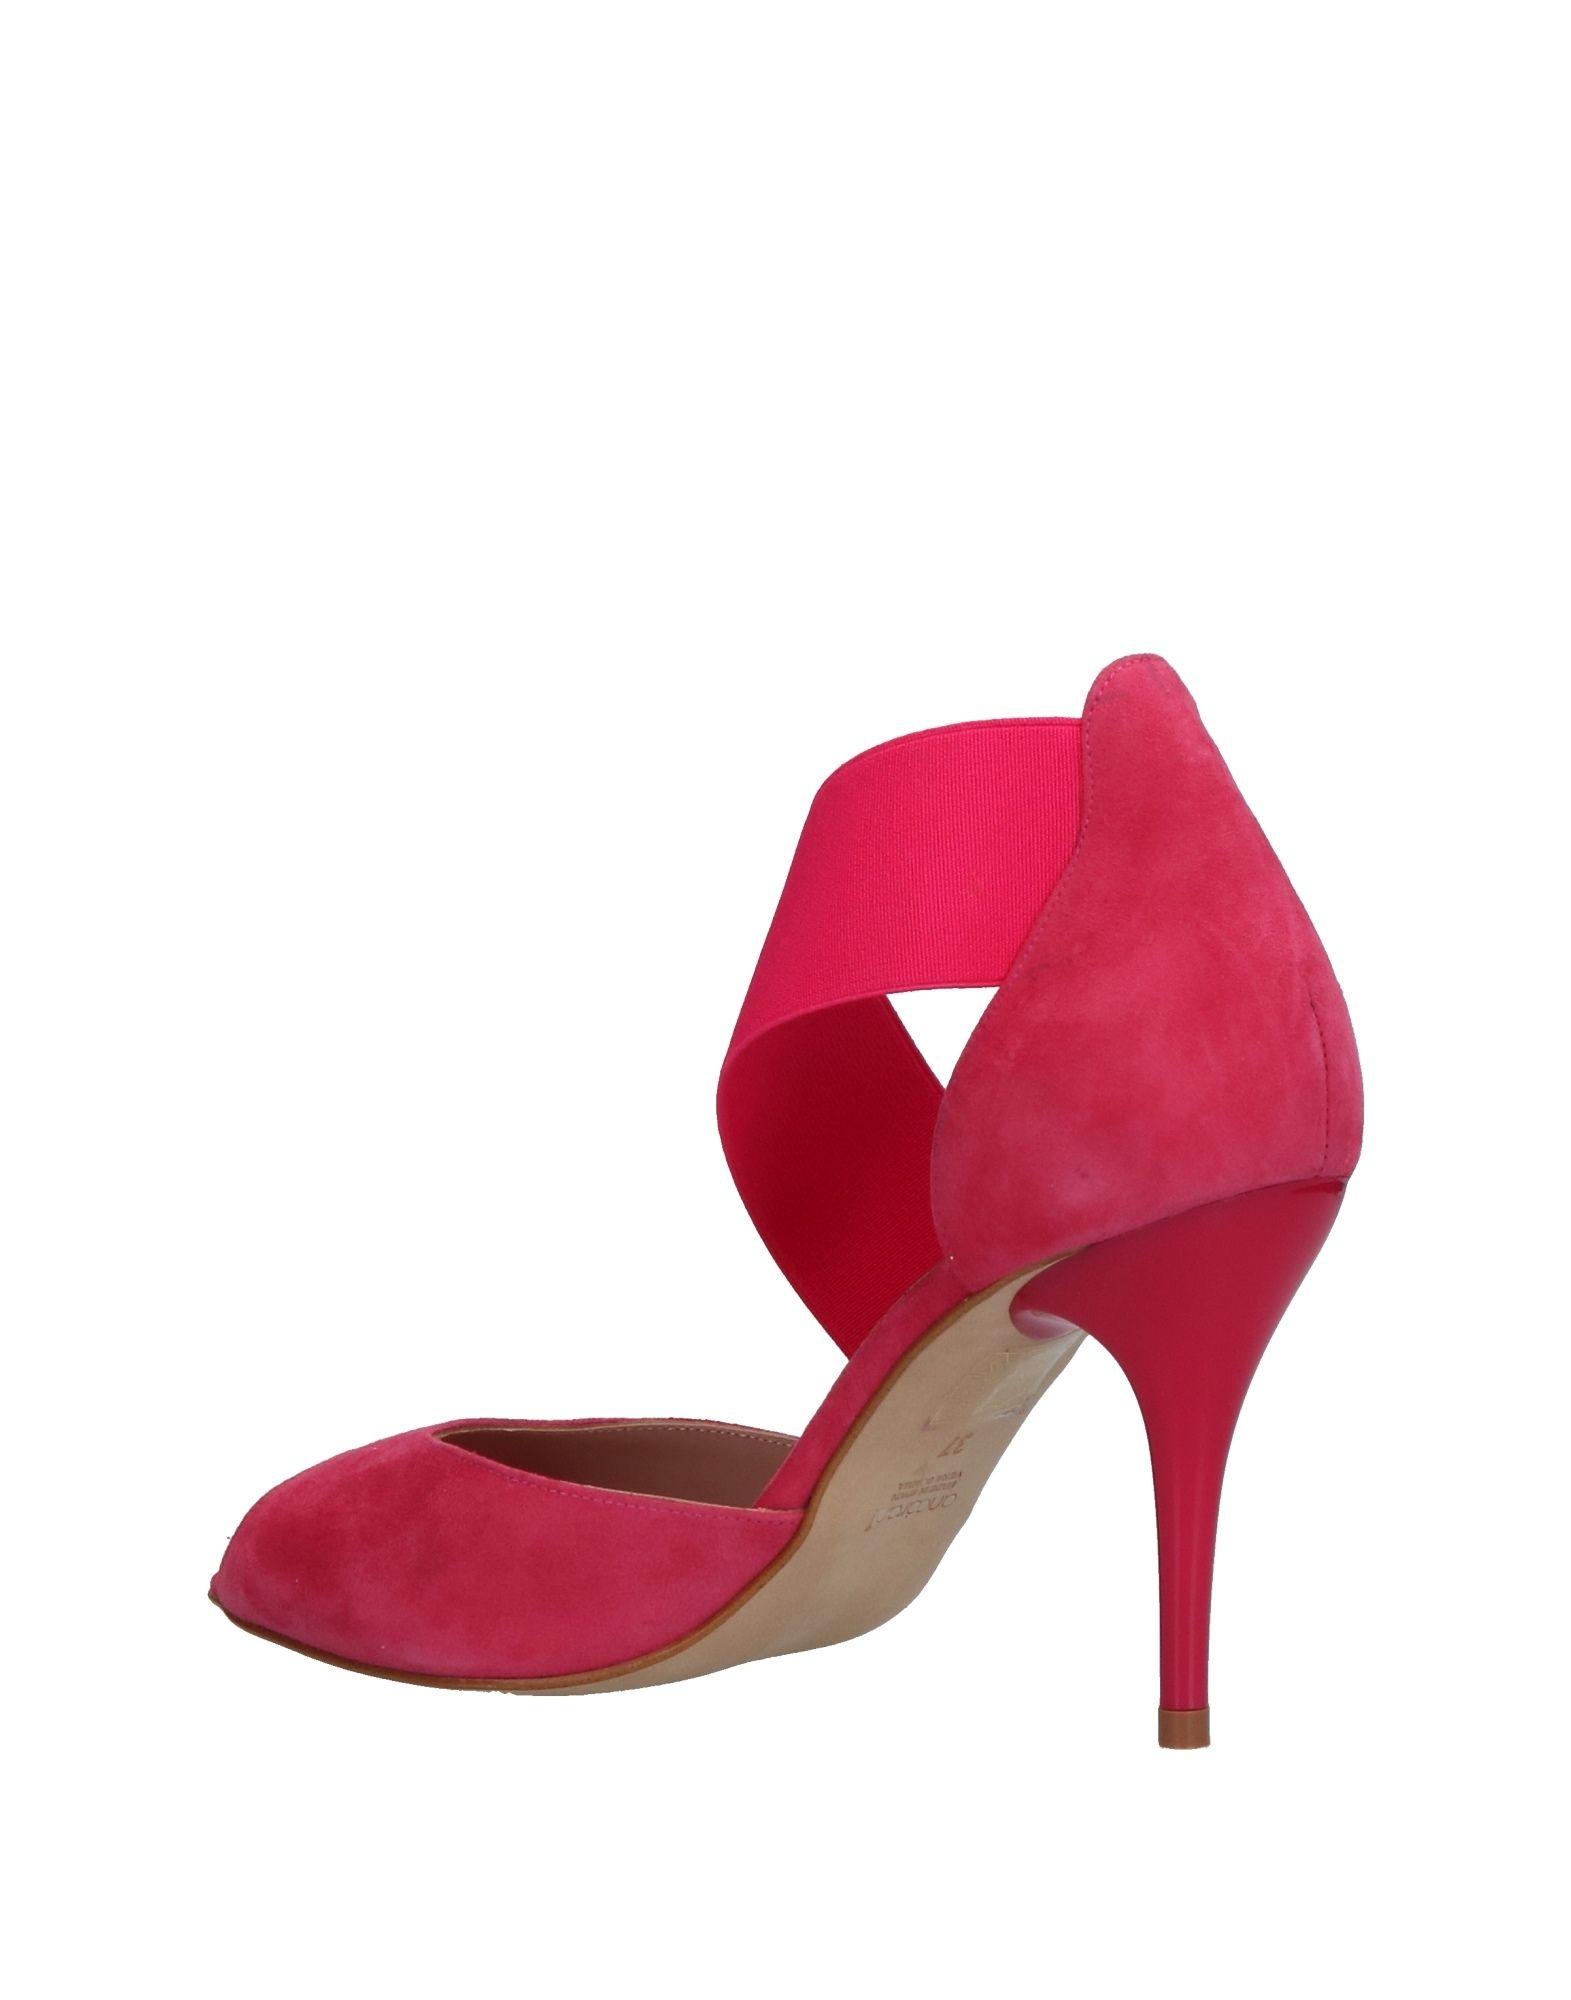 Damen Ancarani Pumps Damen   11331716AL Heiße Schuhe 26adb1